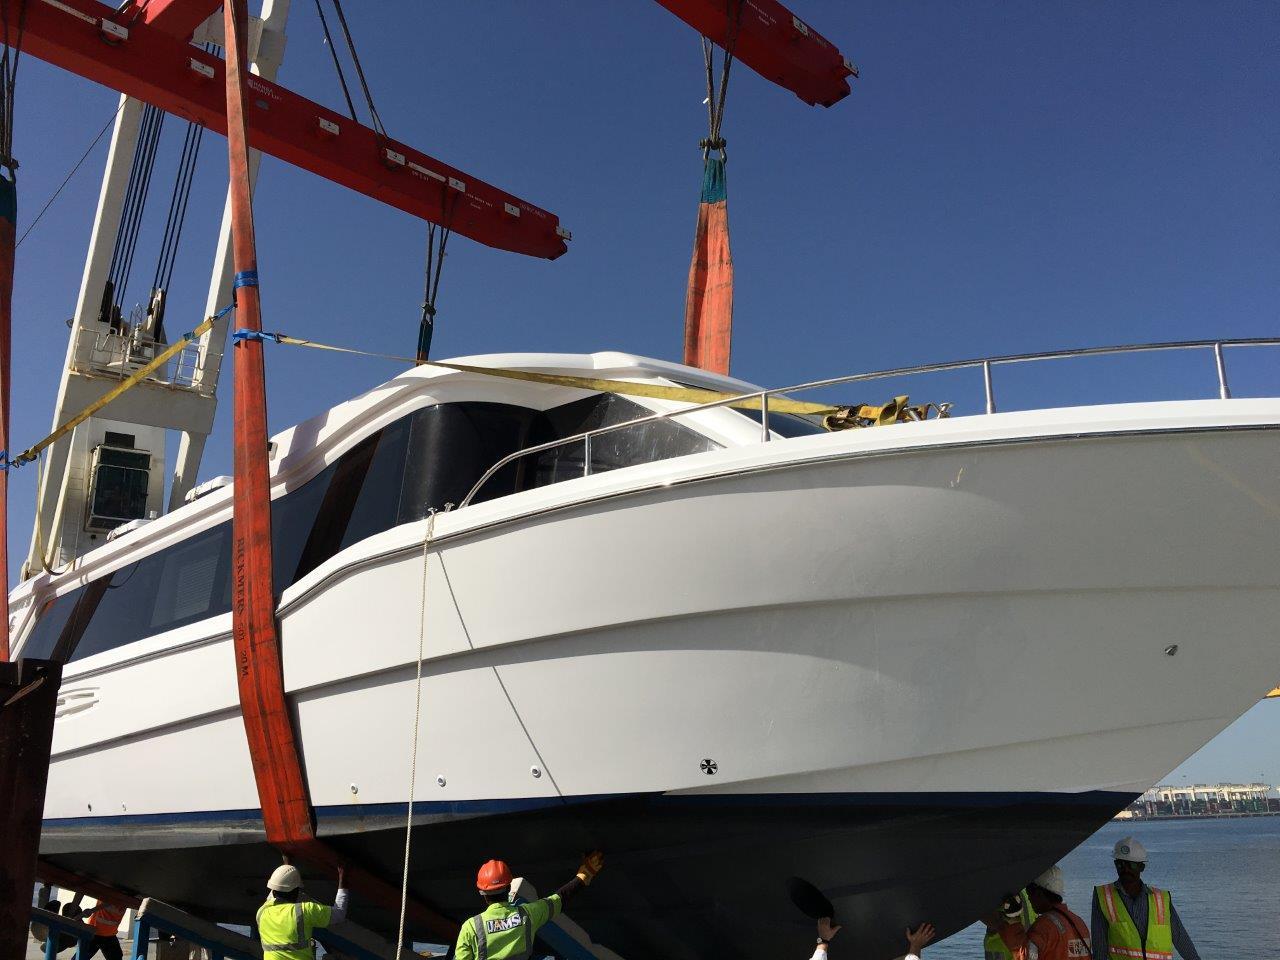 Gulf Craft Waveshuttle 56